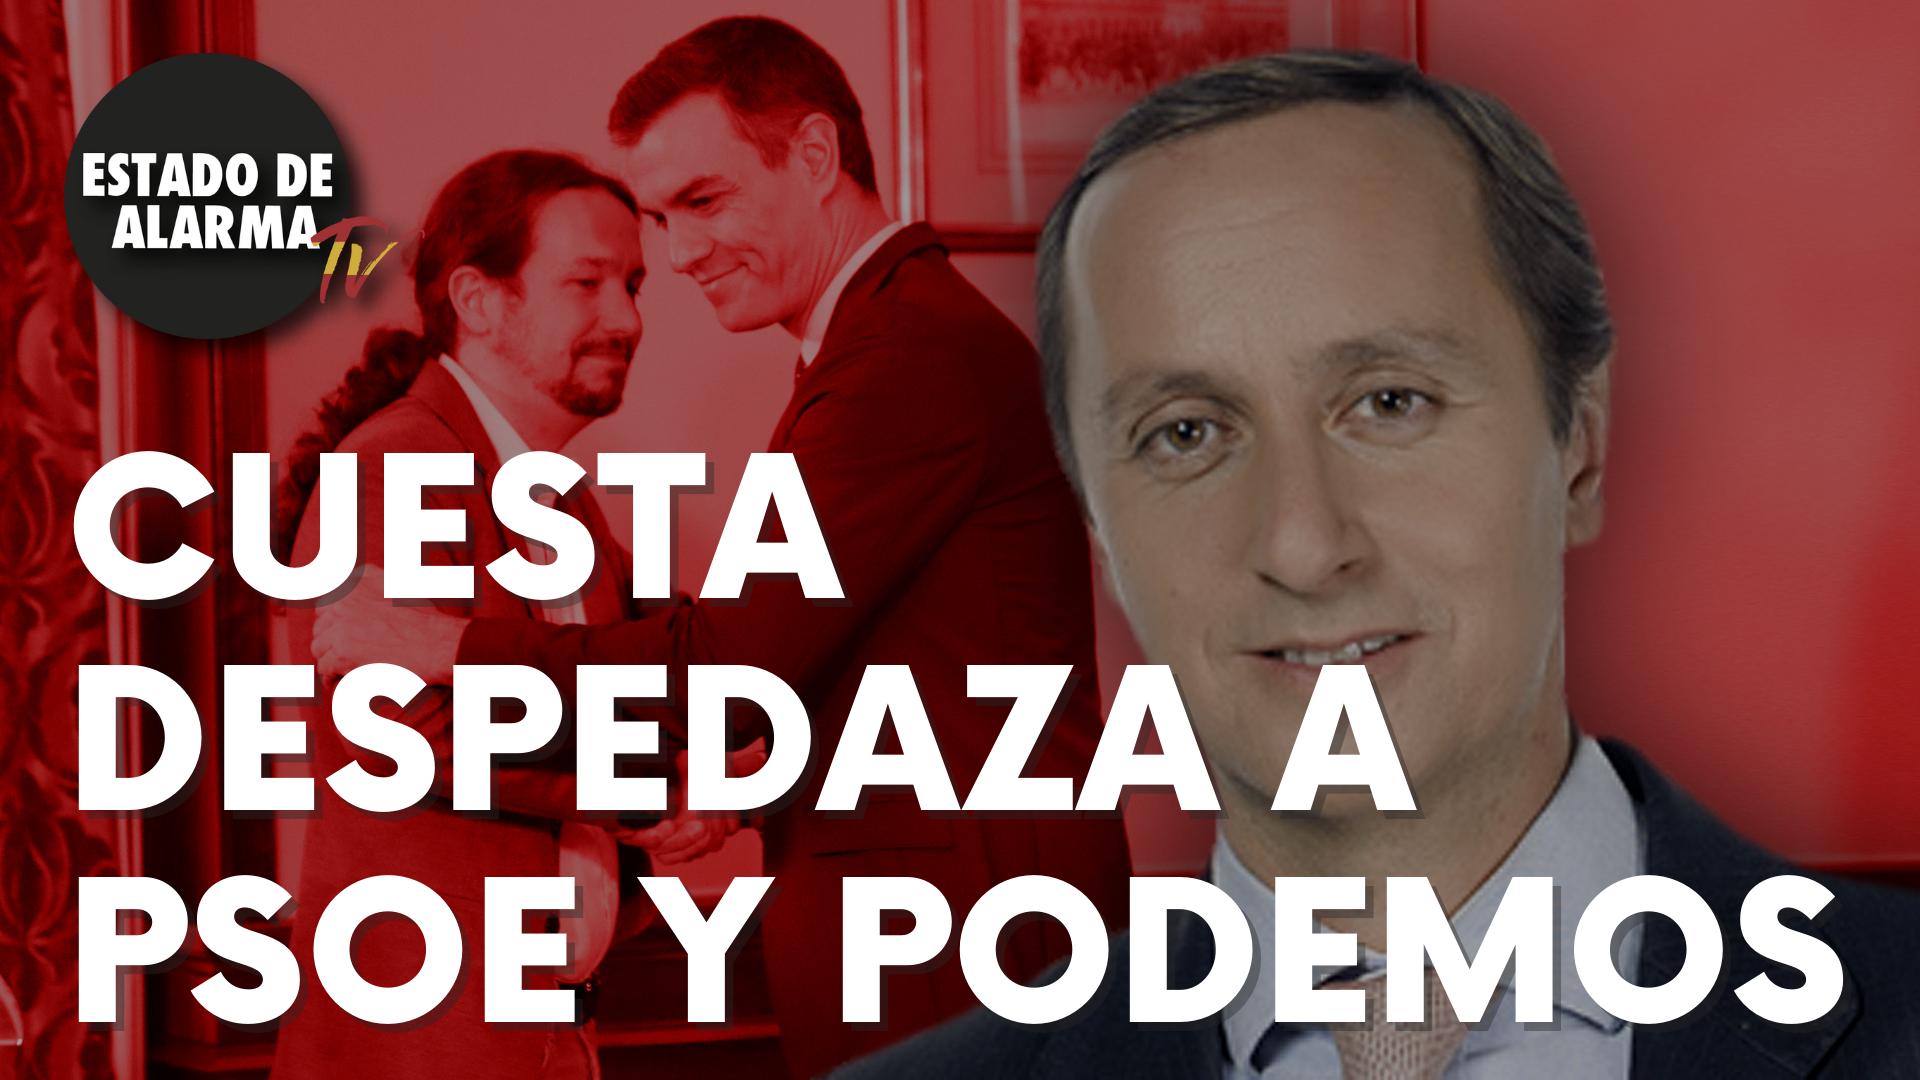 Carlos Cuesta despedaza a PSOE y Podemos con este recado a sus votantes